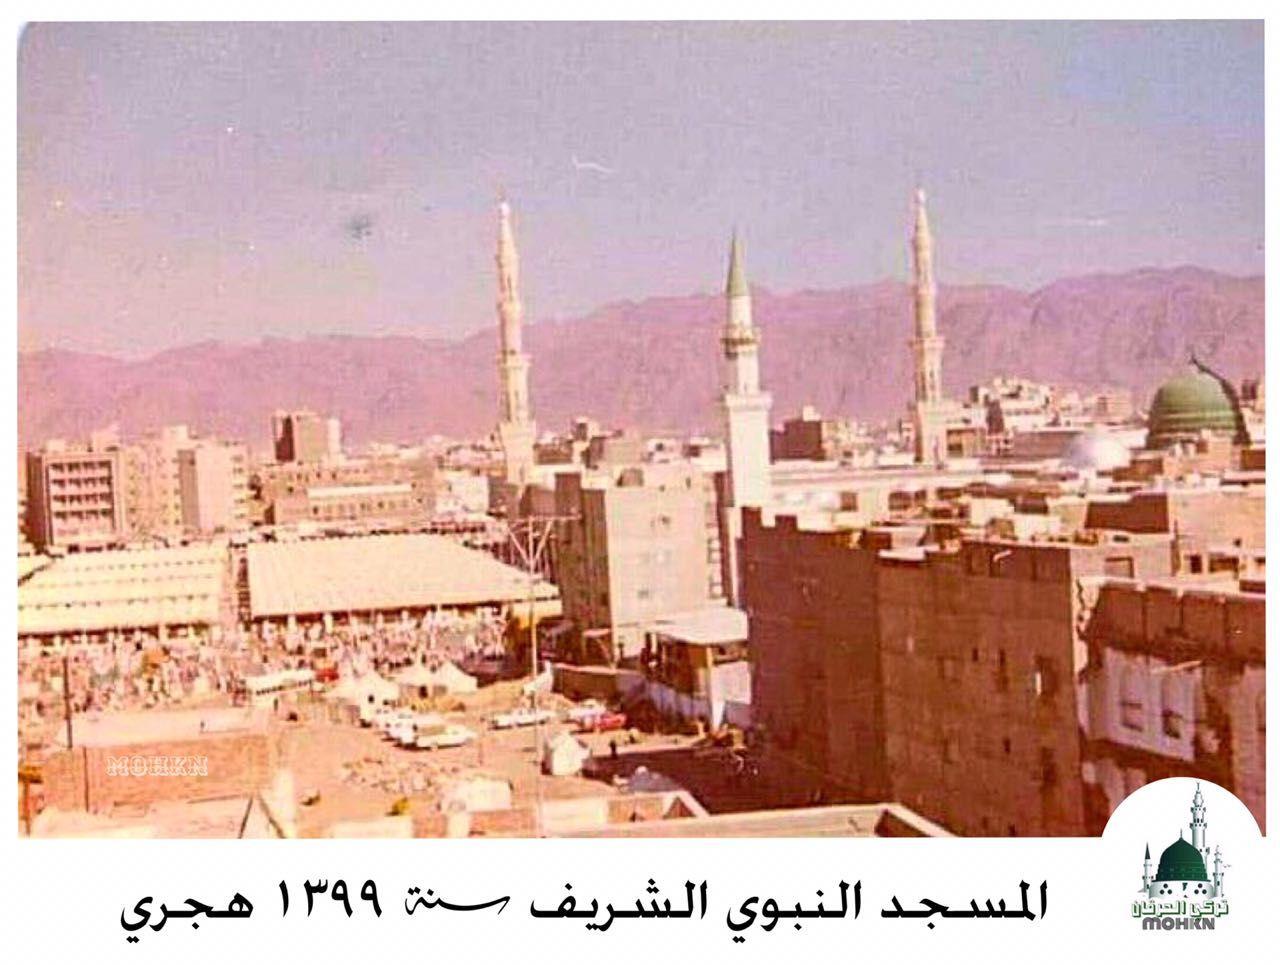 المسجد النبوي 1399 هـ Masjid Al Haram Al Masjid An Nabawi Mosque